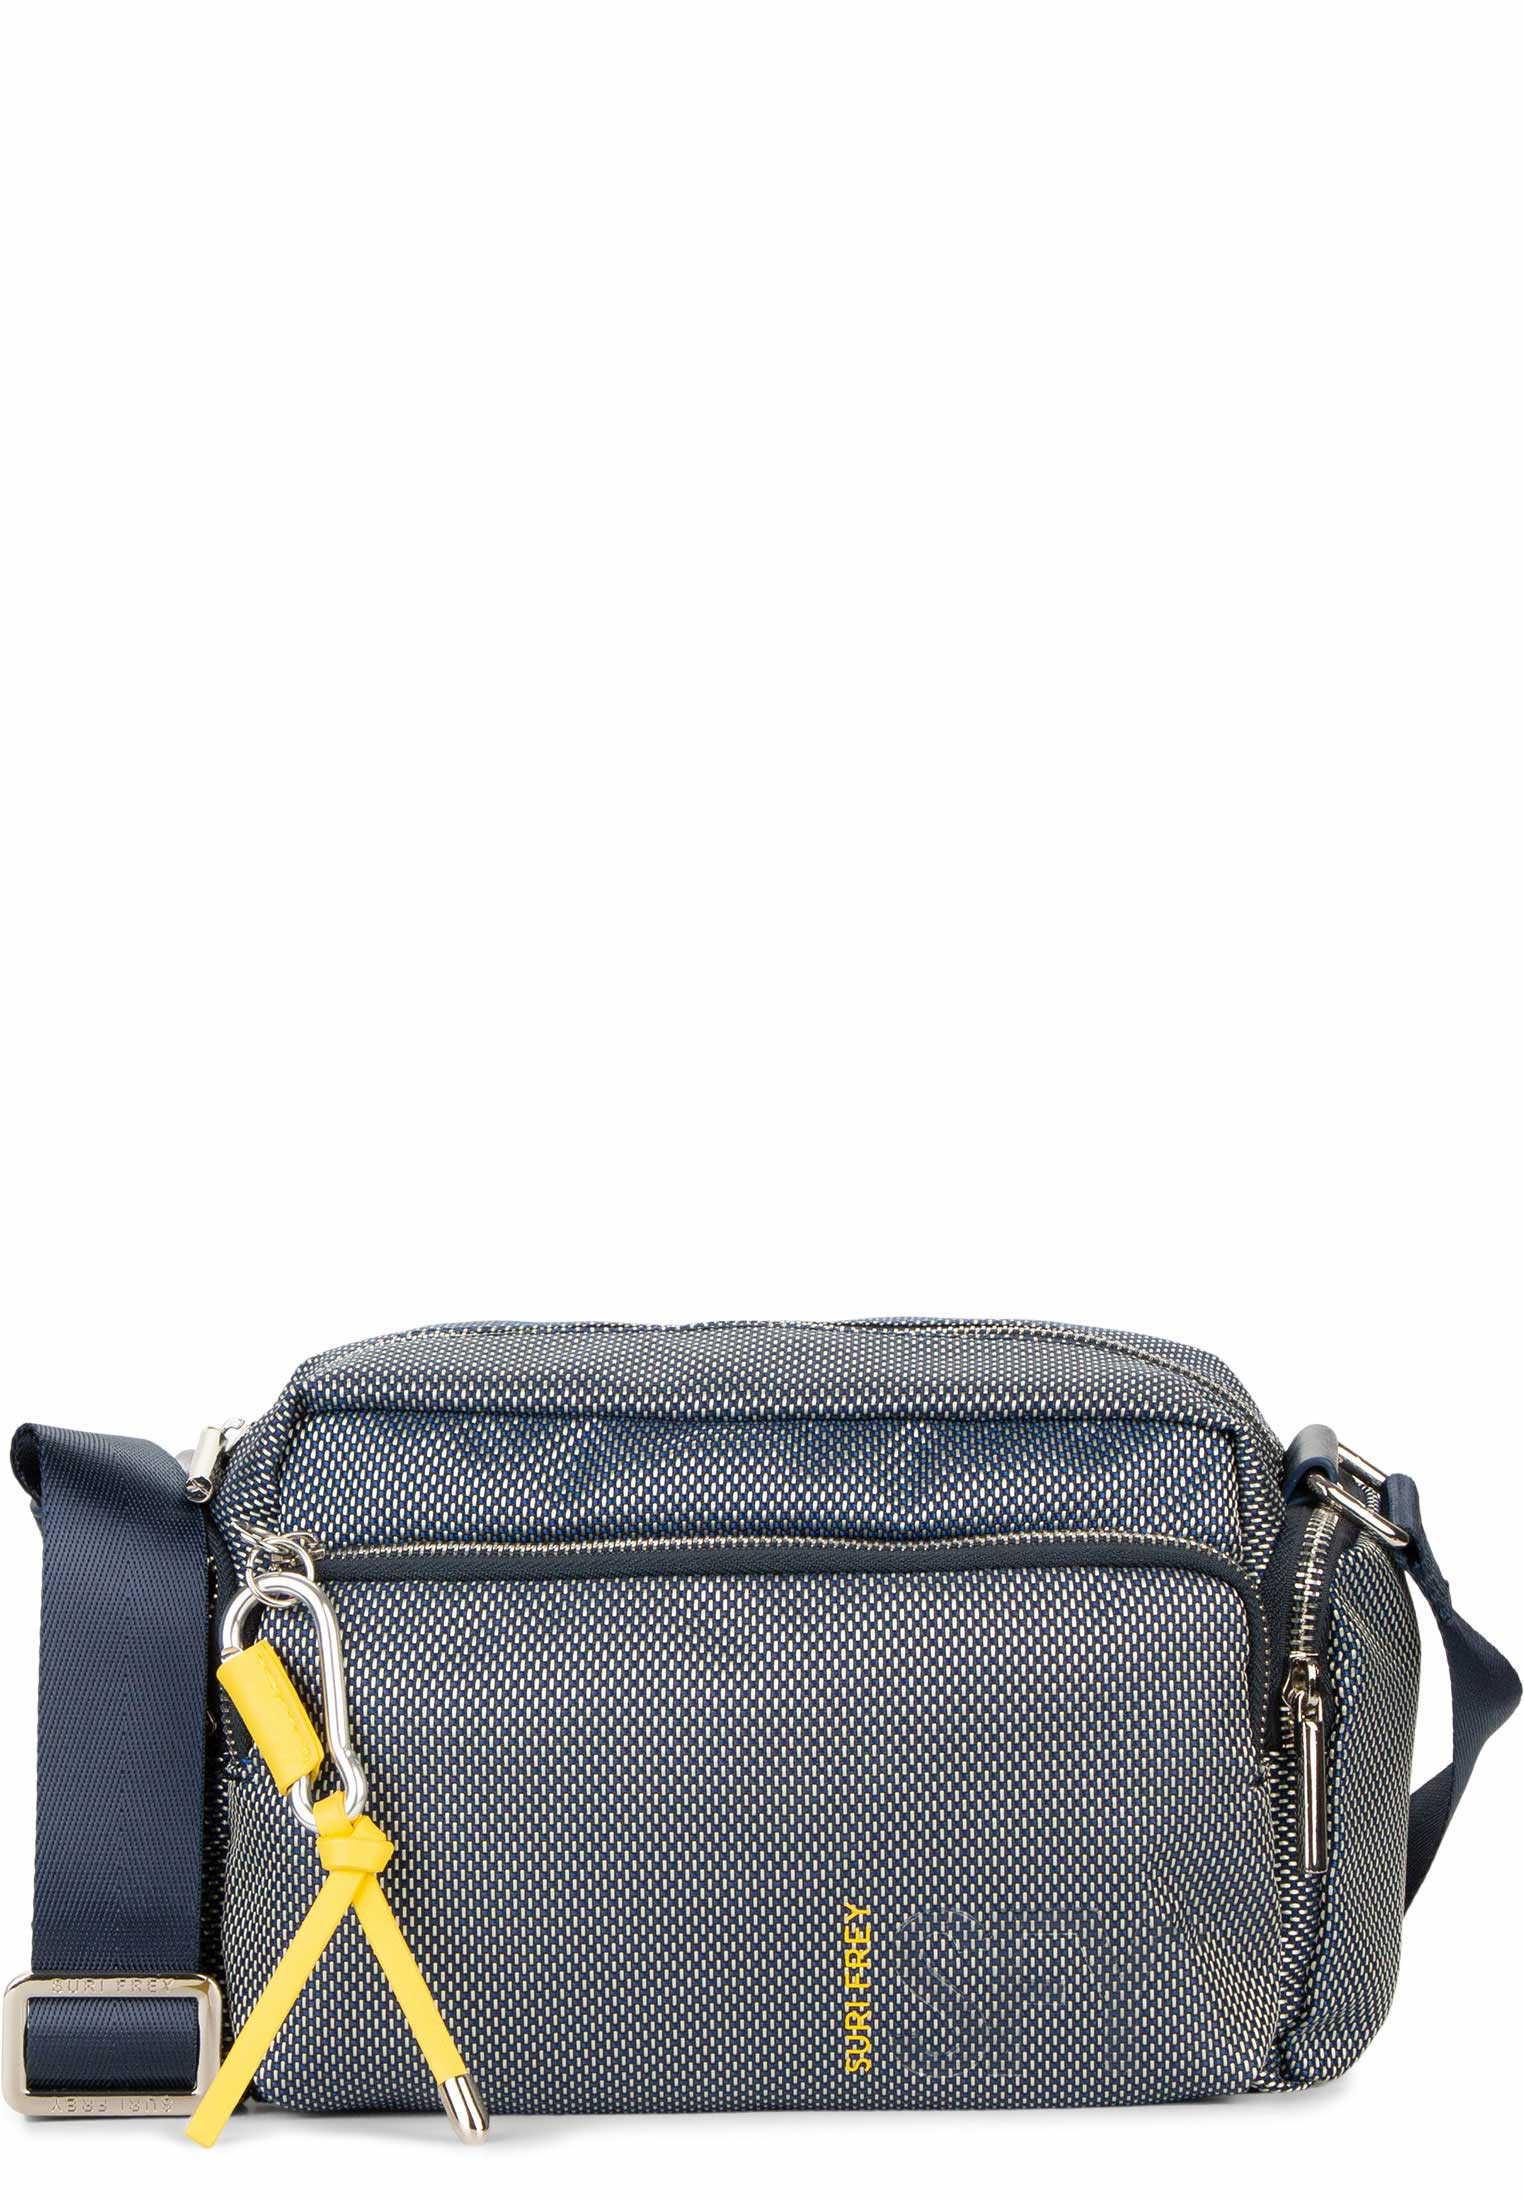 Suri Frey Handbags blue 18011 Suri Sports blue